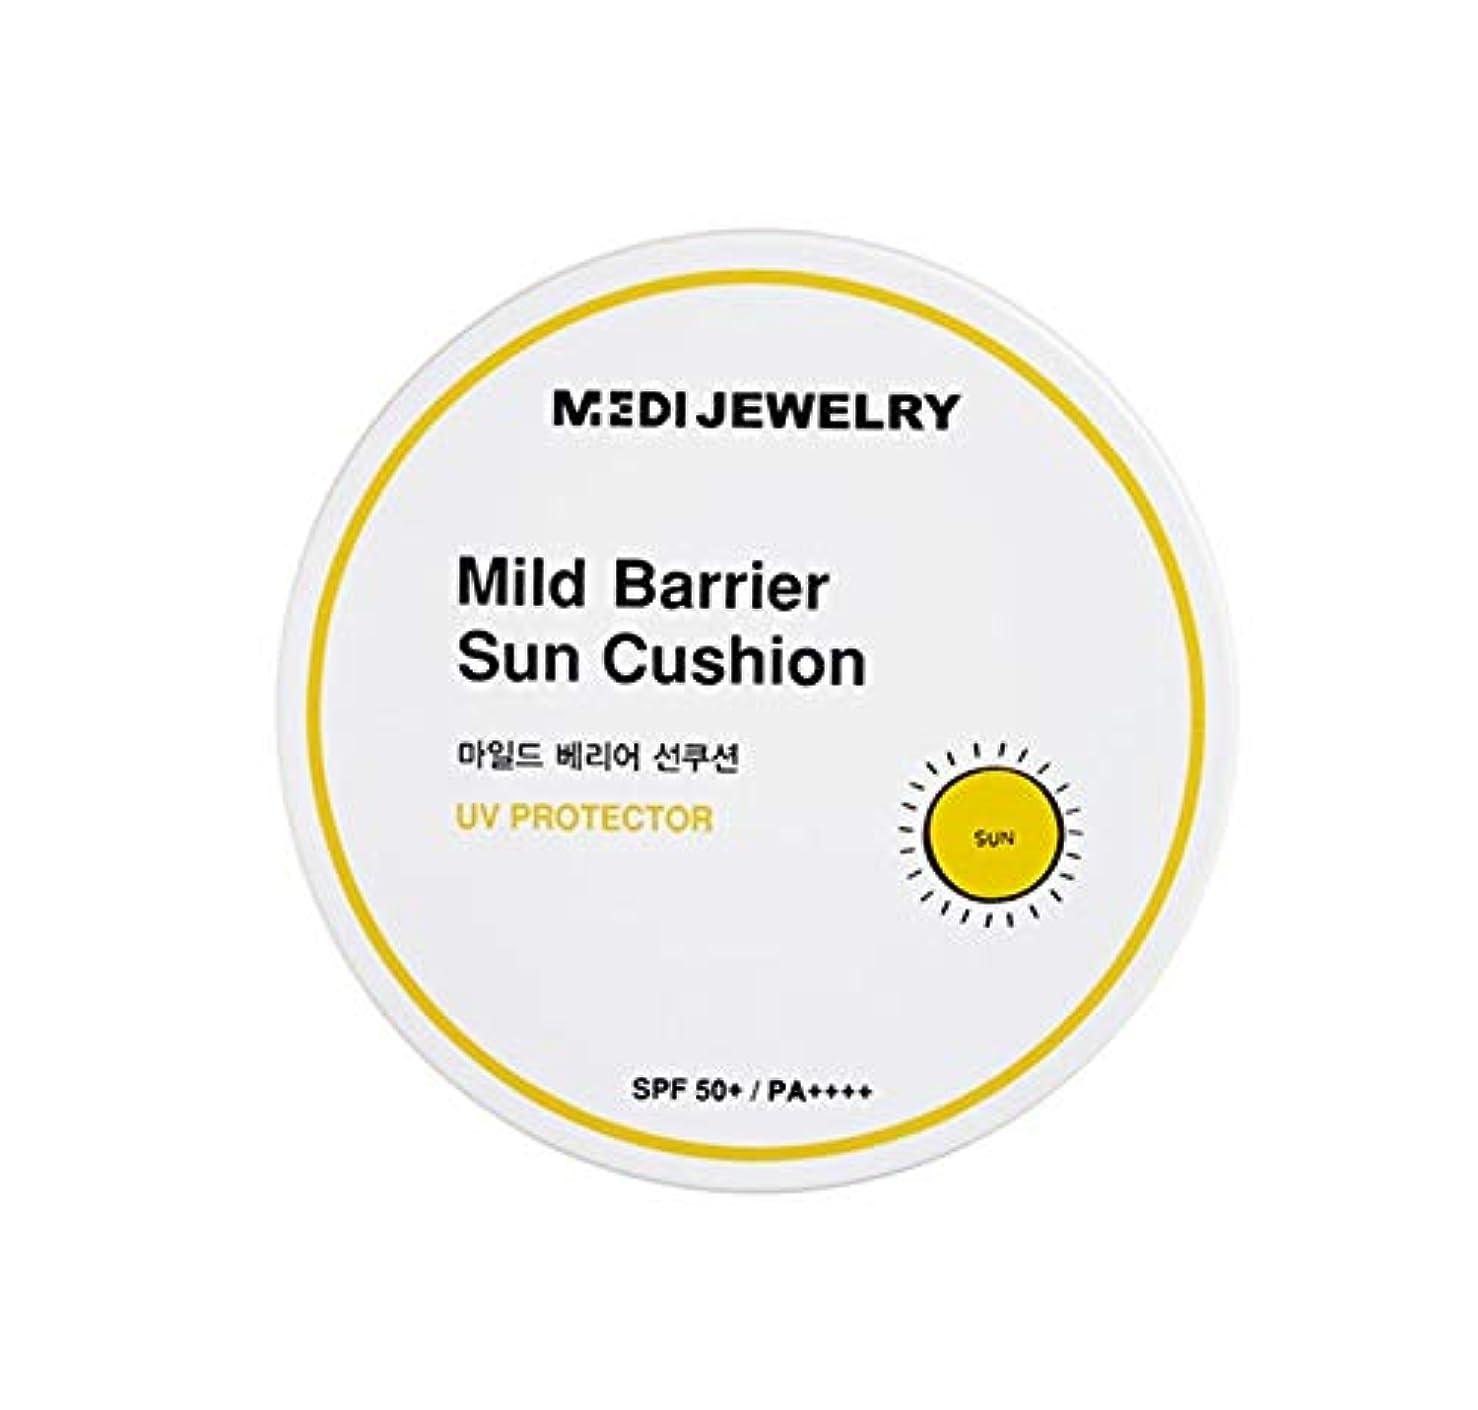 確かに有効化伝導率[MEDI JEWELRY] メディジュエリーマイルドバリア線クッション SPF50+ PA++++ 15g / MILD BARRIER SUN CUSHION 15g [並行輸入品]